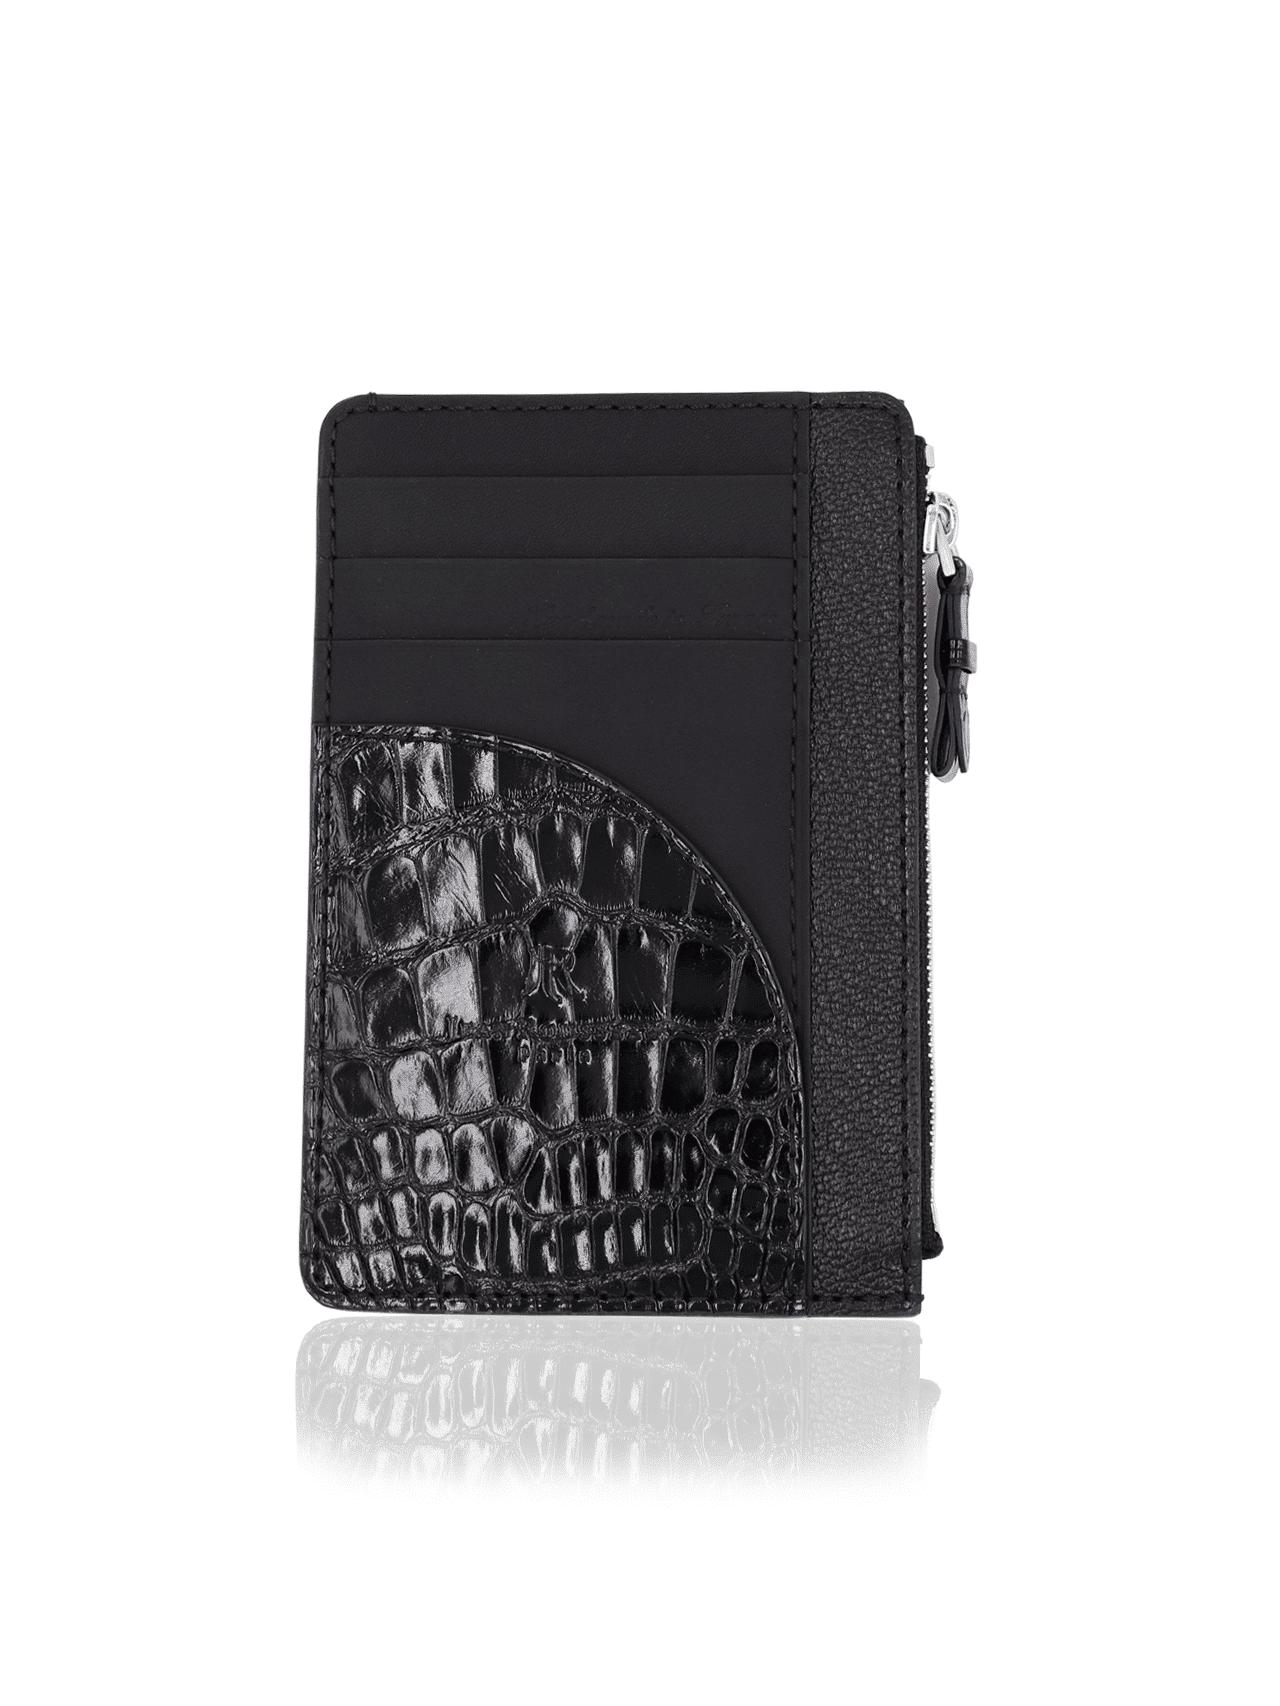 Easy wallet mix alligator black